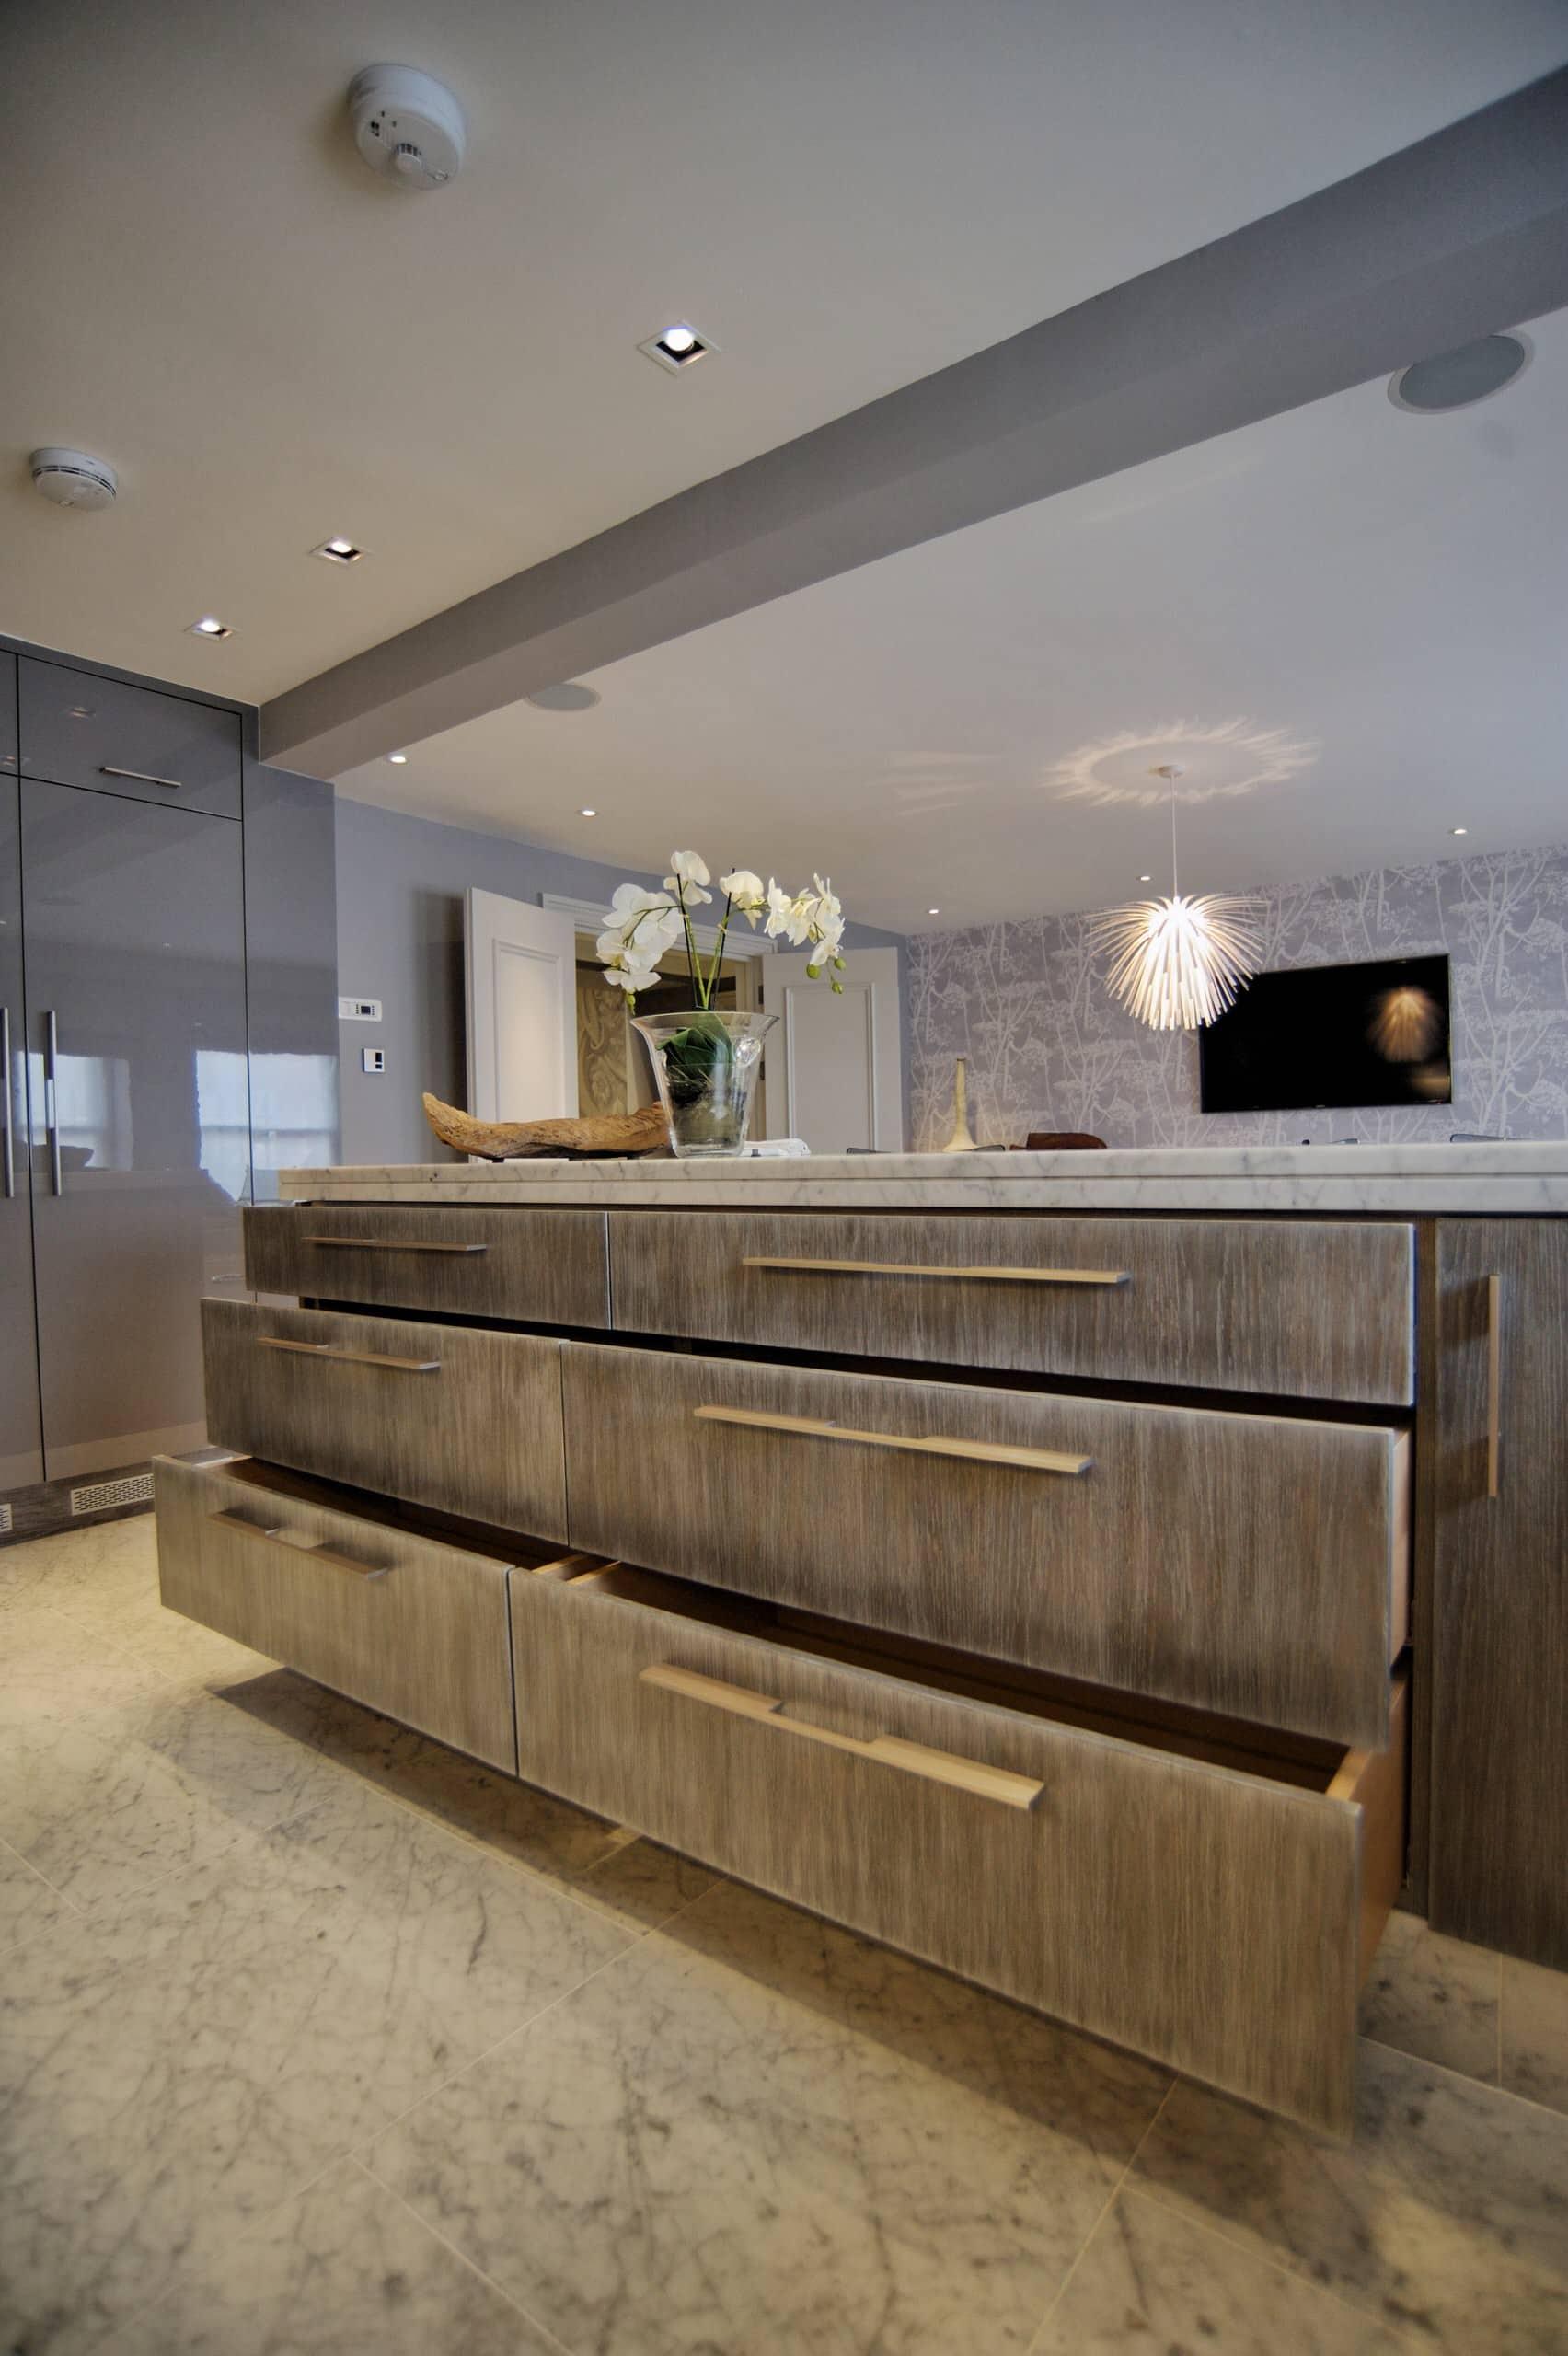 Brushed kitchen units